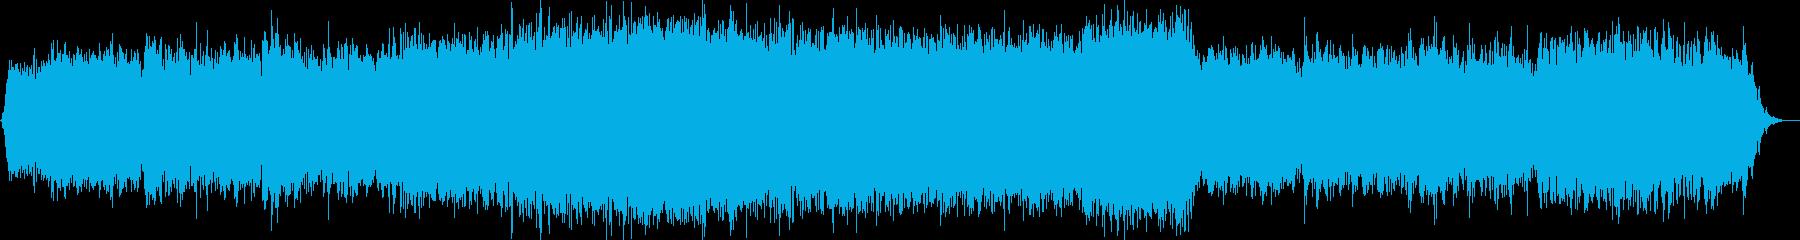 夜光虫を主題とするヒーリング空間音楽の再生済みの波形